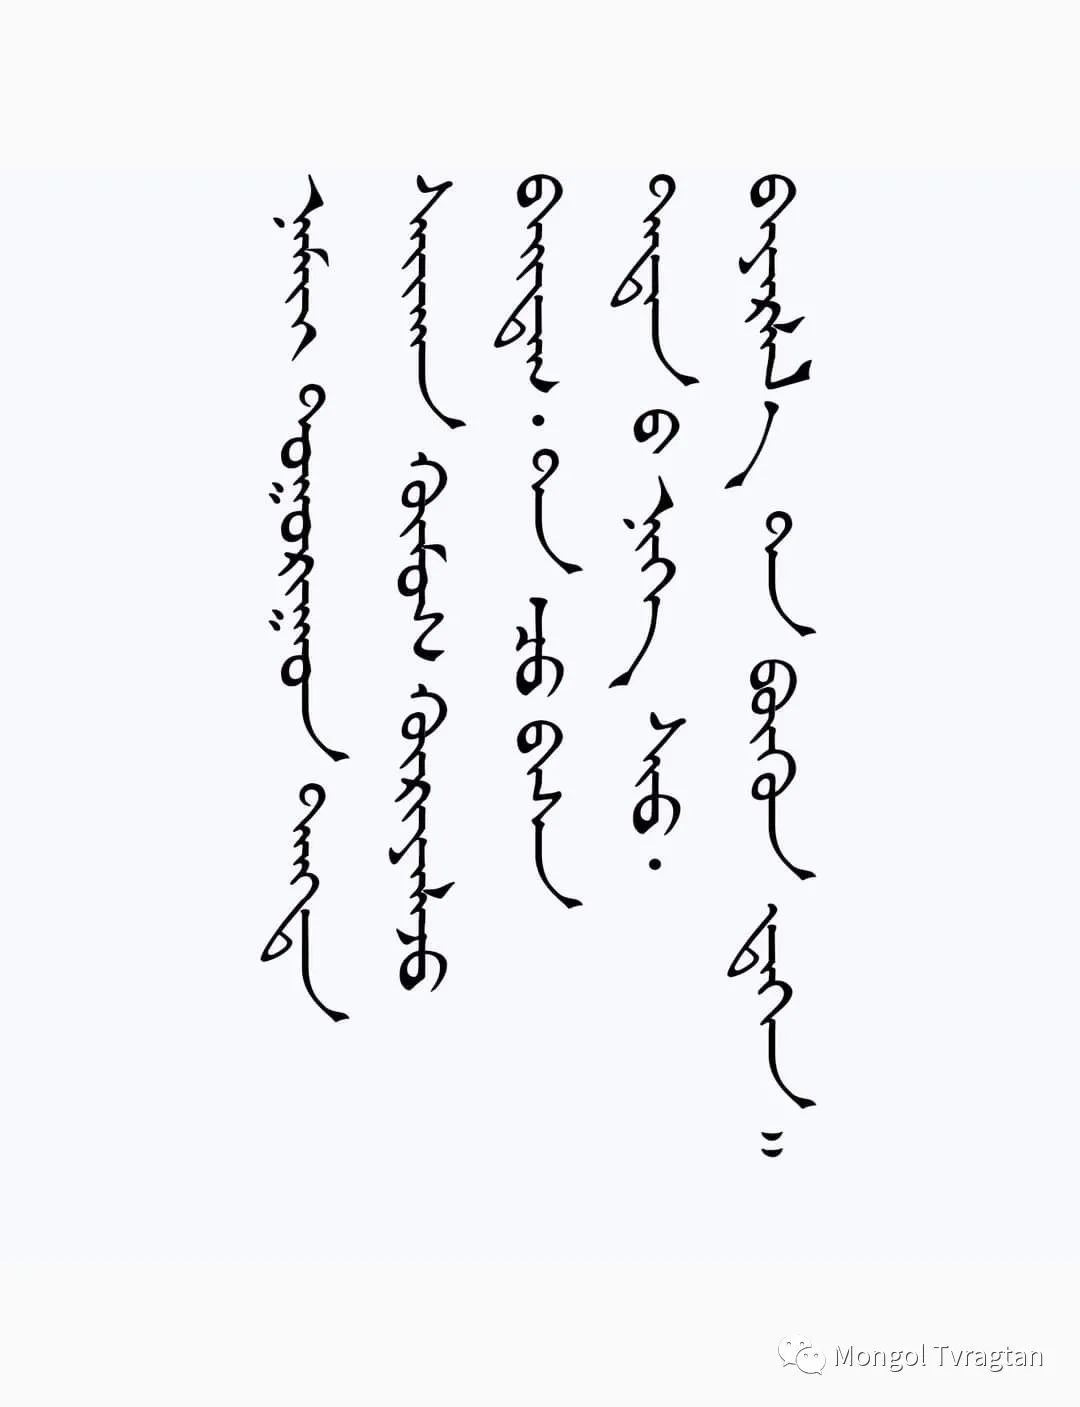 ᠰᠤᠷᠭᠠᠯ ᠦᠭᠡ -ᠨᠢᠭᠡ 第3张 ᠰᠤᠷᠭᠠᠯ ᠦᠭᠡ -ᠨᠢᠭᠡ 蒙古文库